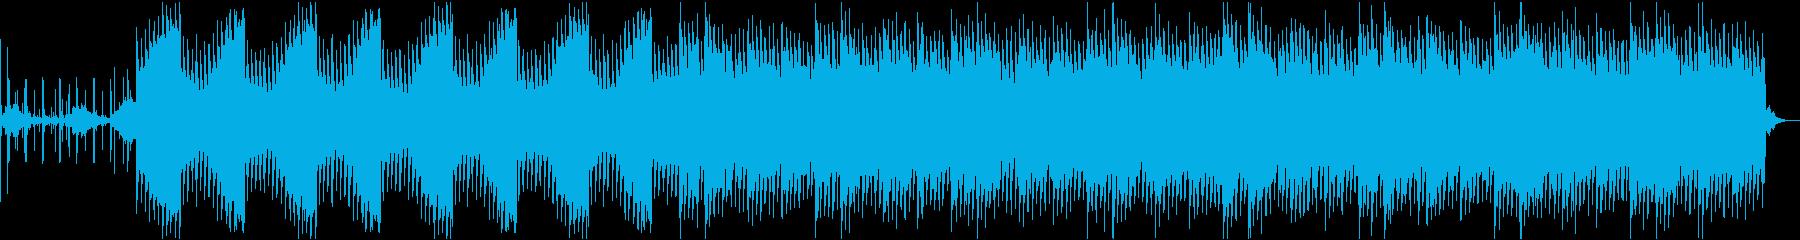 ホラーだけど暖かい不気味なBGMの再生済みの波形